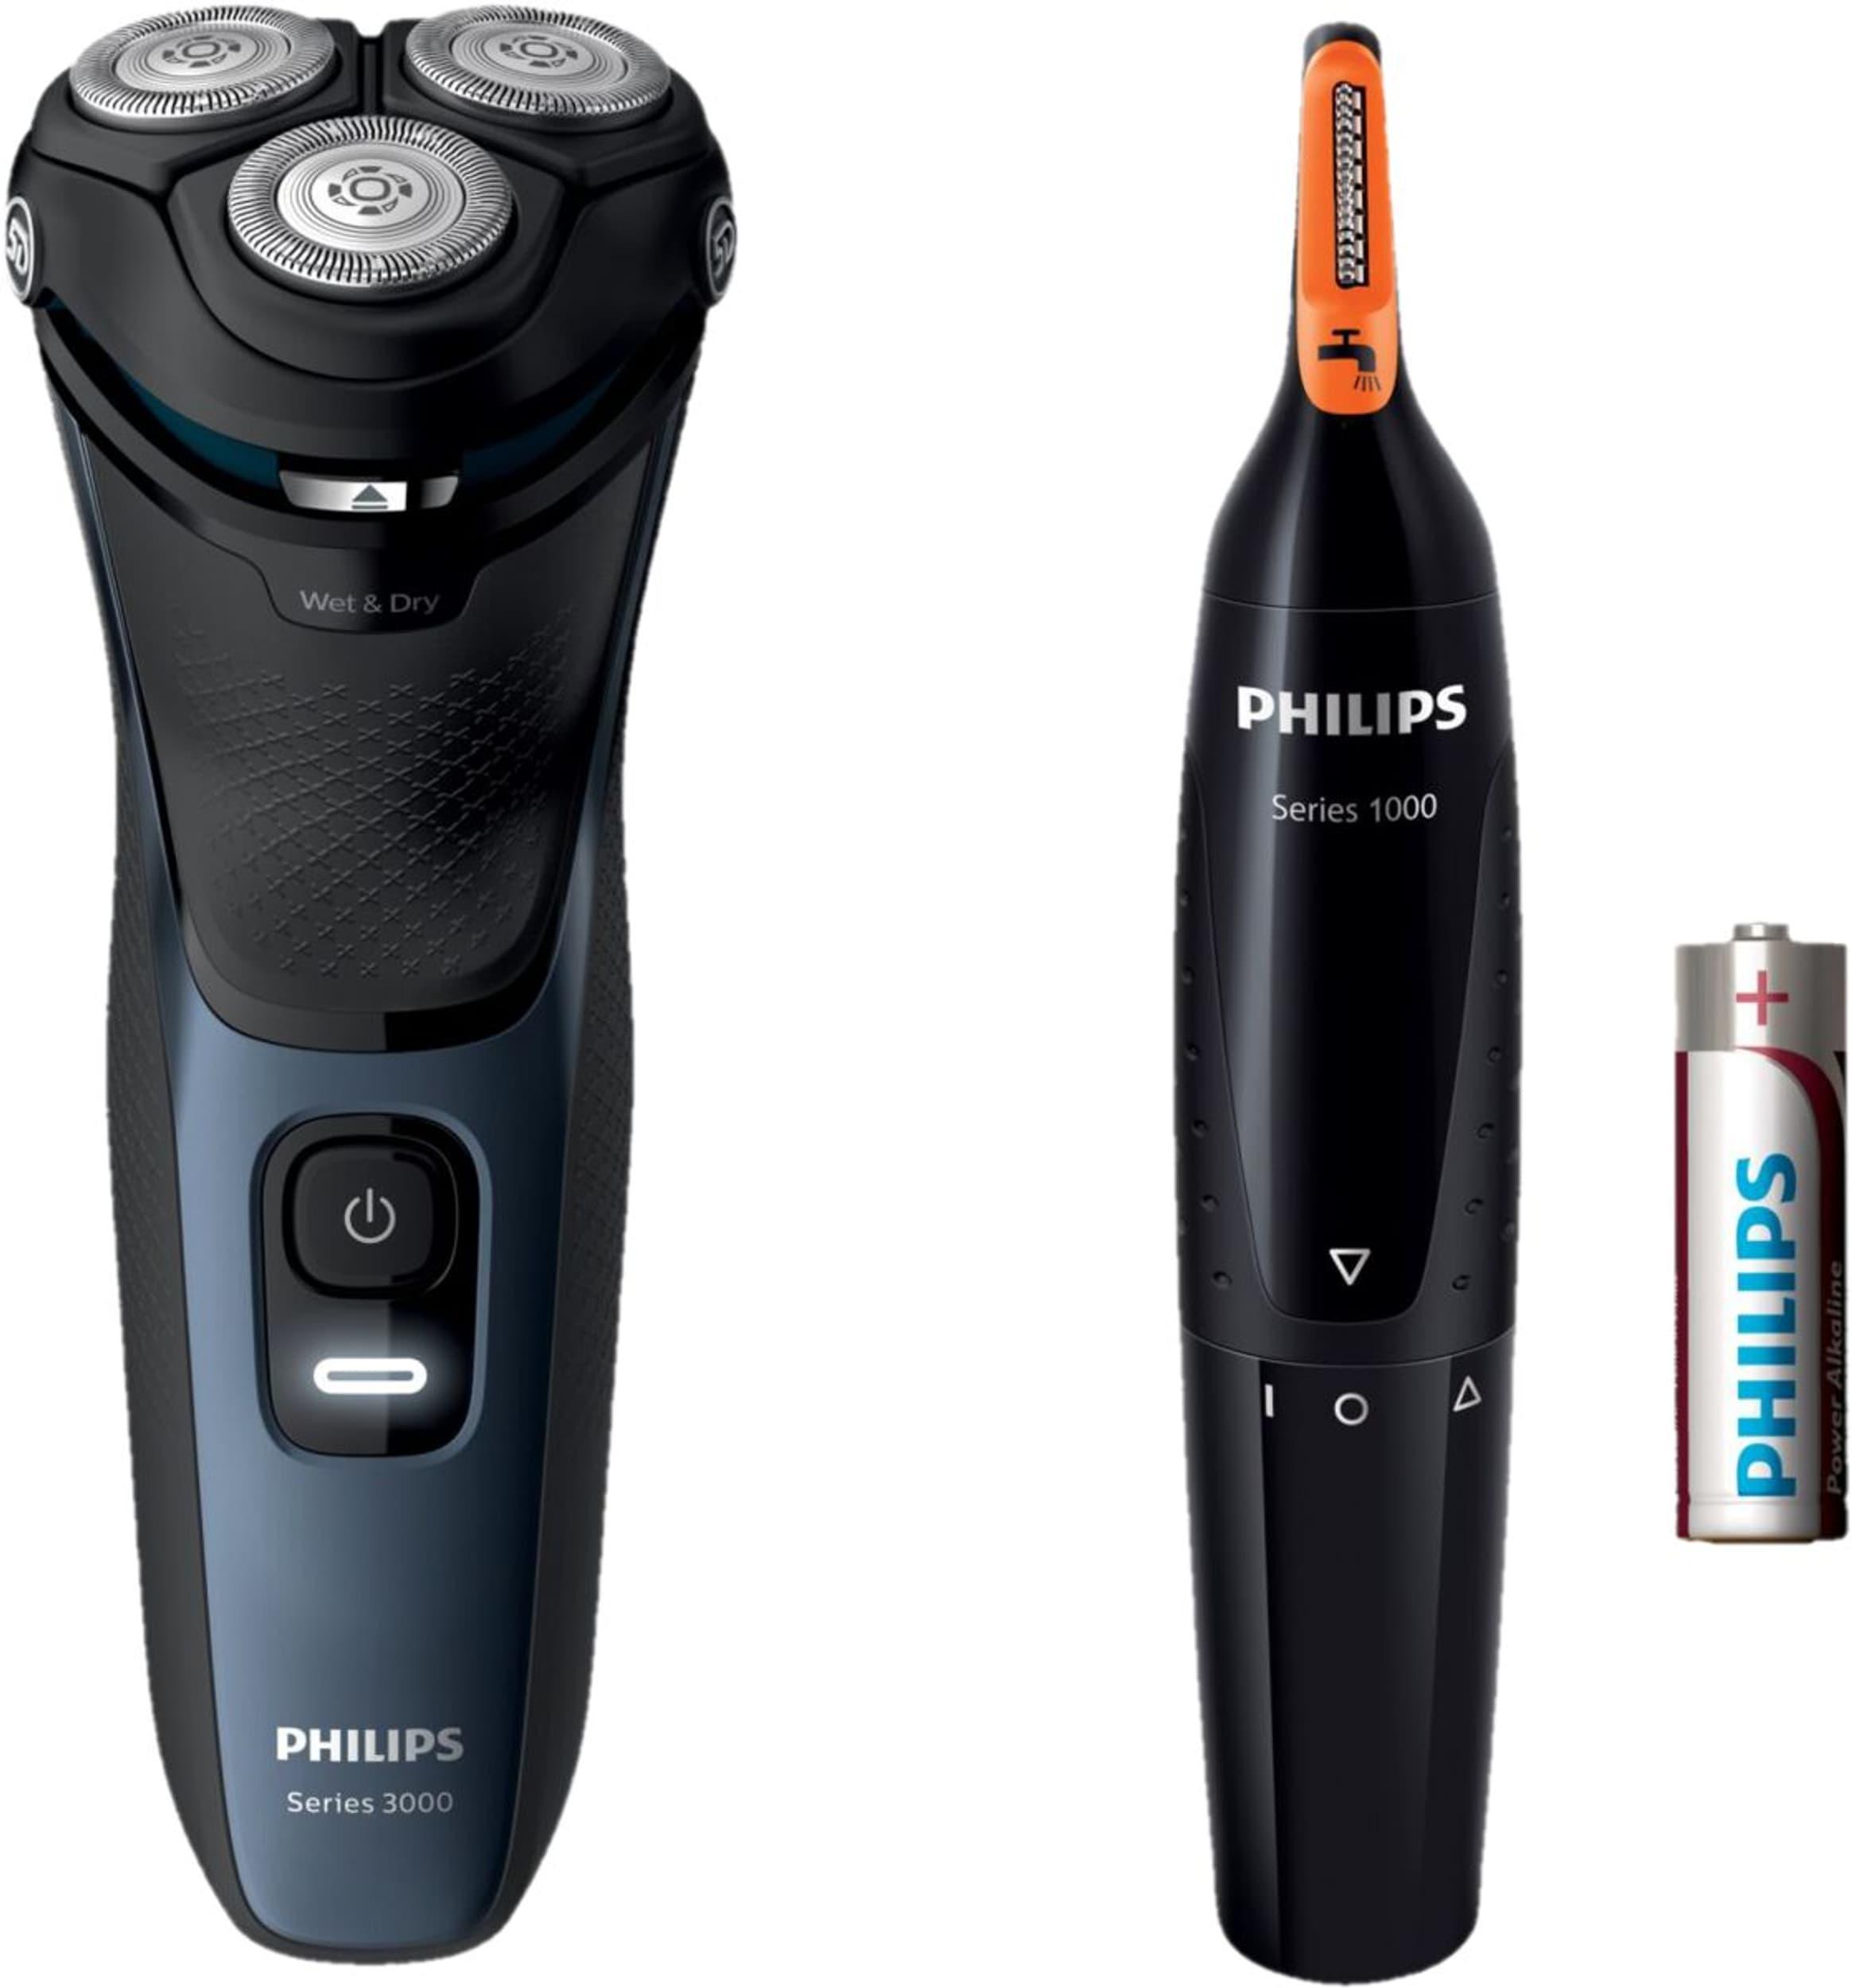 Philips S3134/57